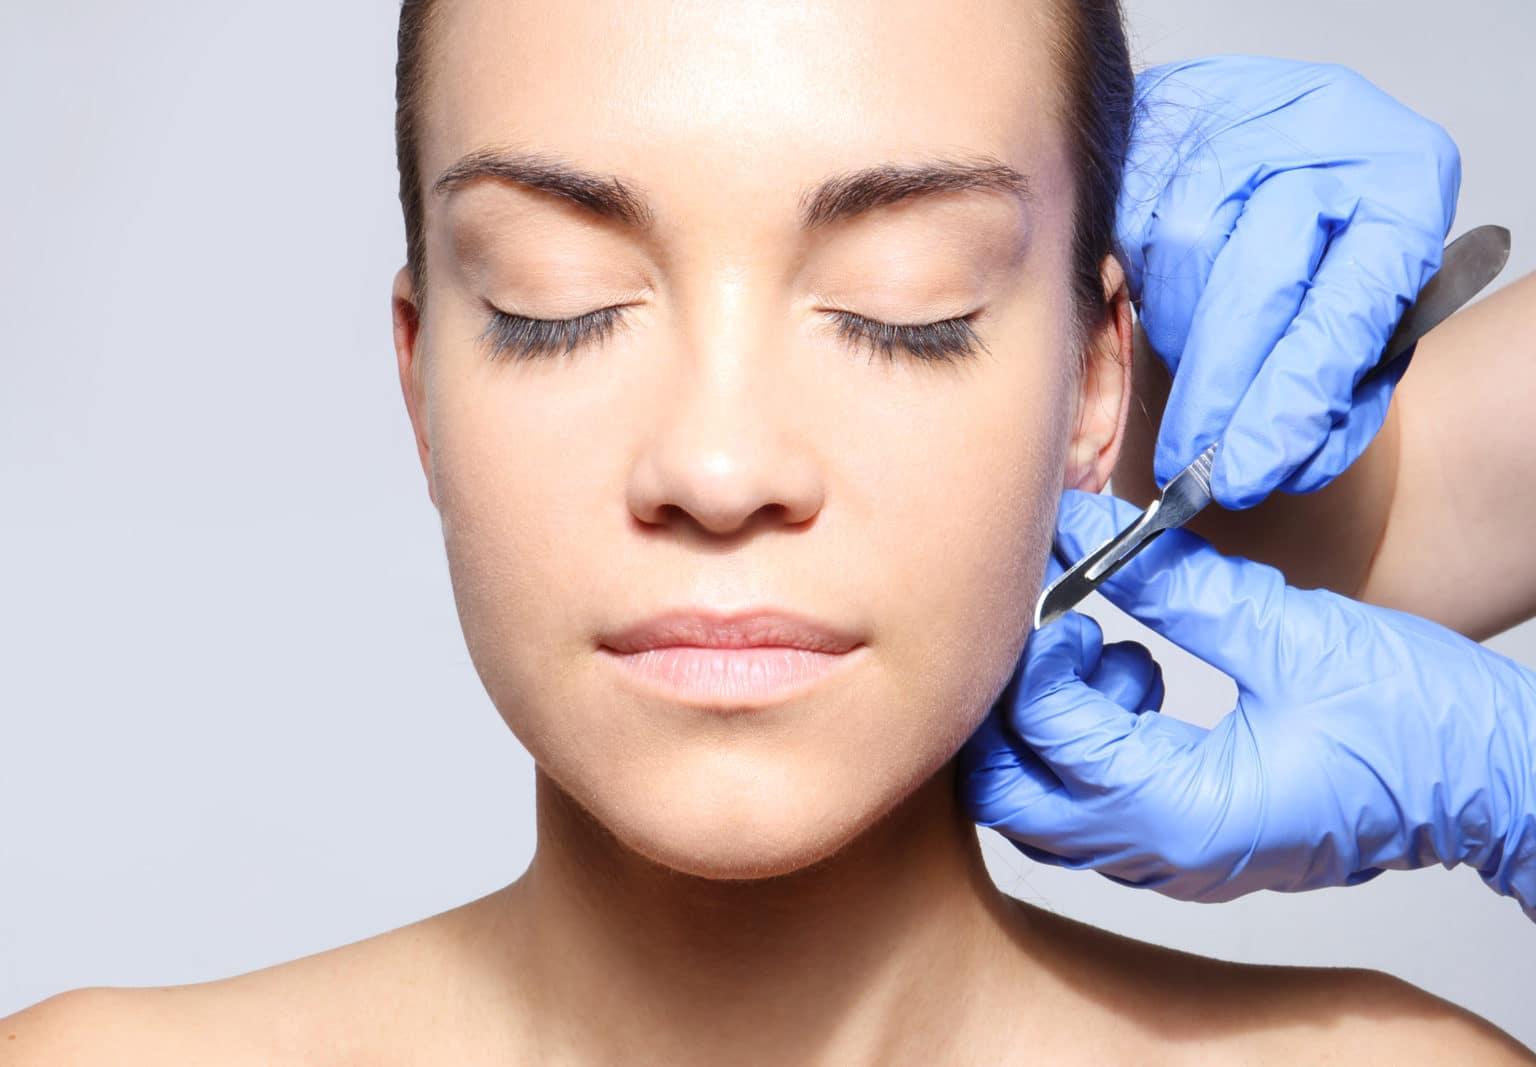 Operation av öron